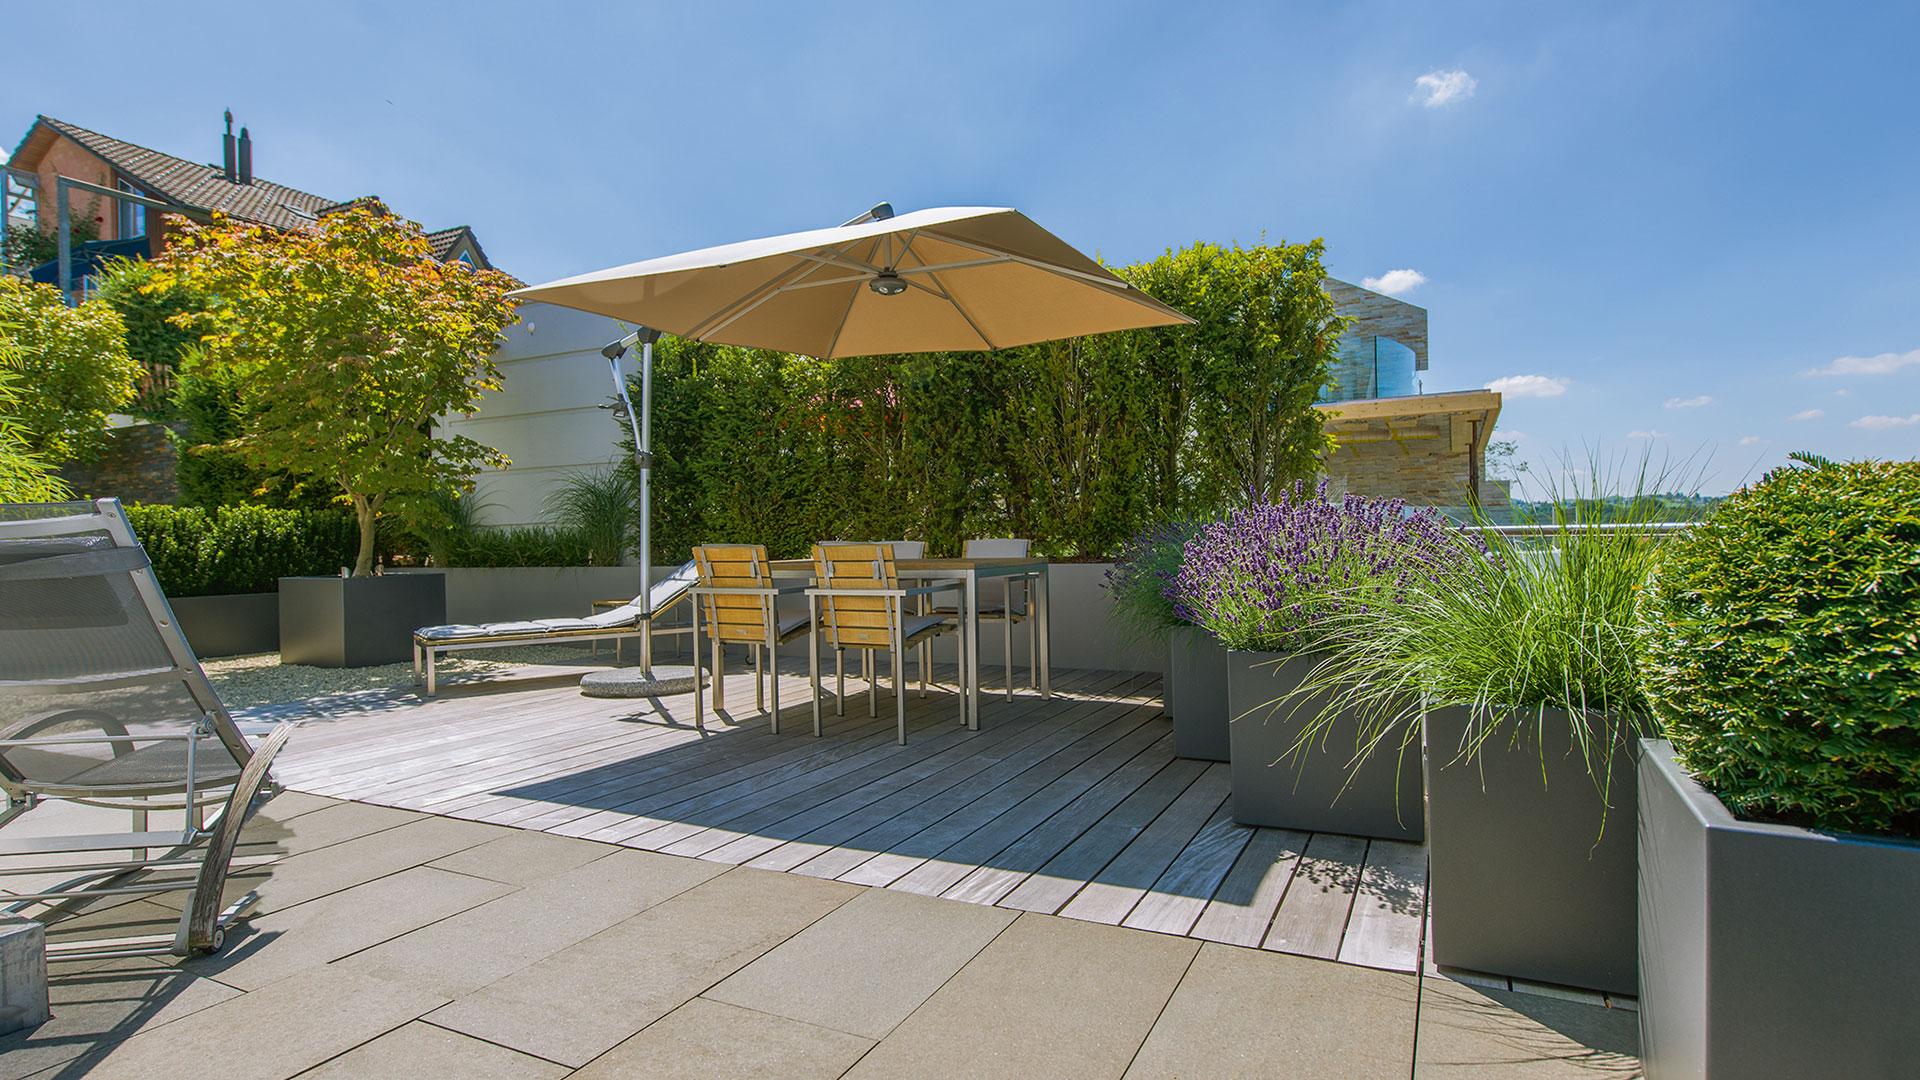 zanker Sonnenschirm 07 - Sonnenschutz für Freisitz und Garten